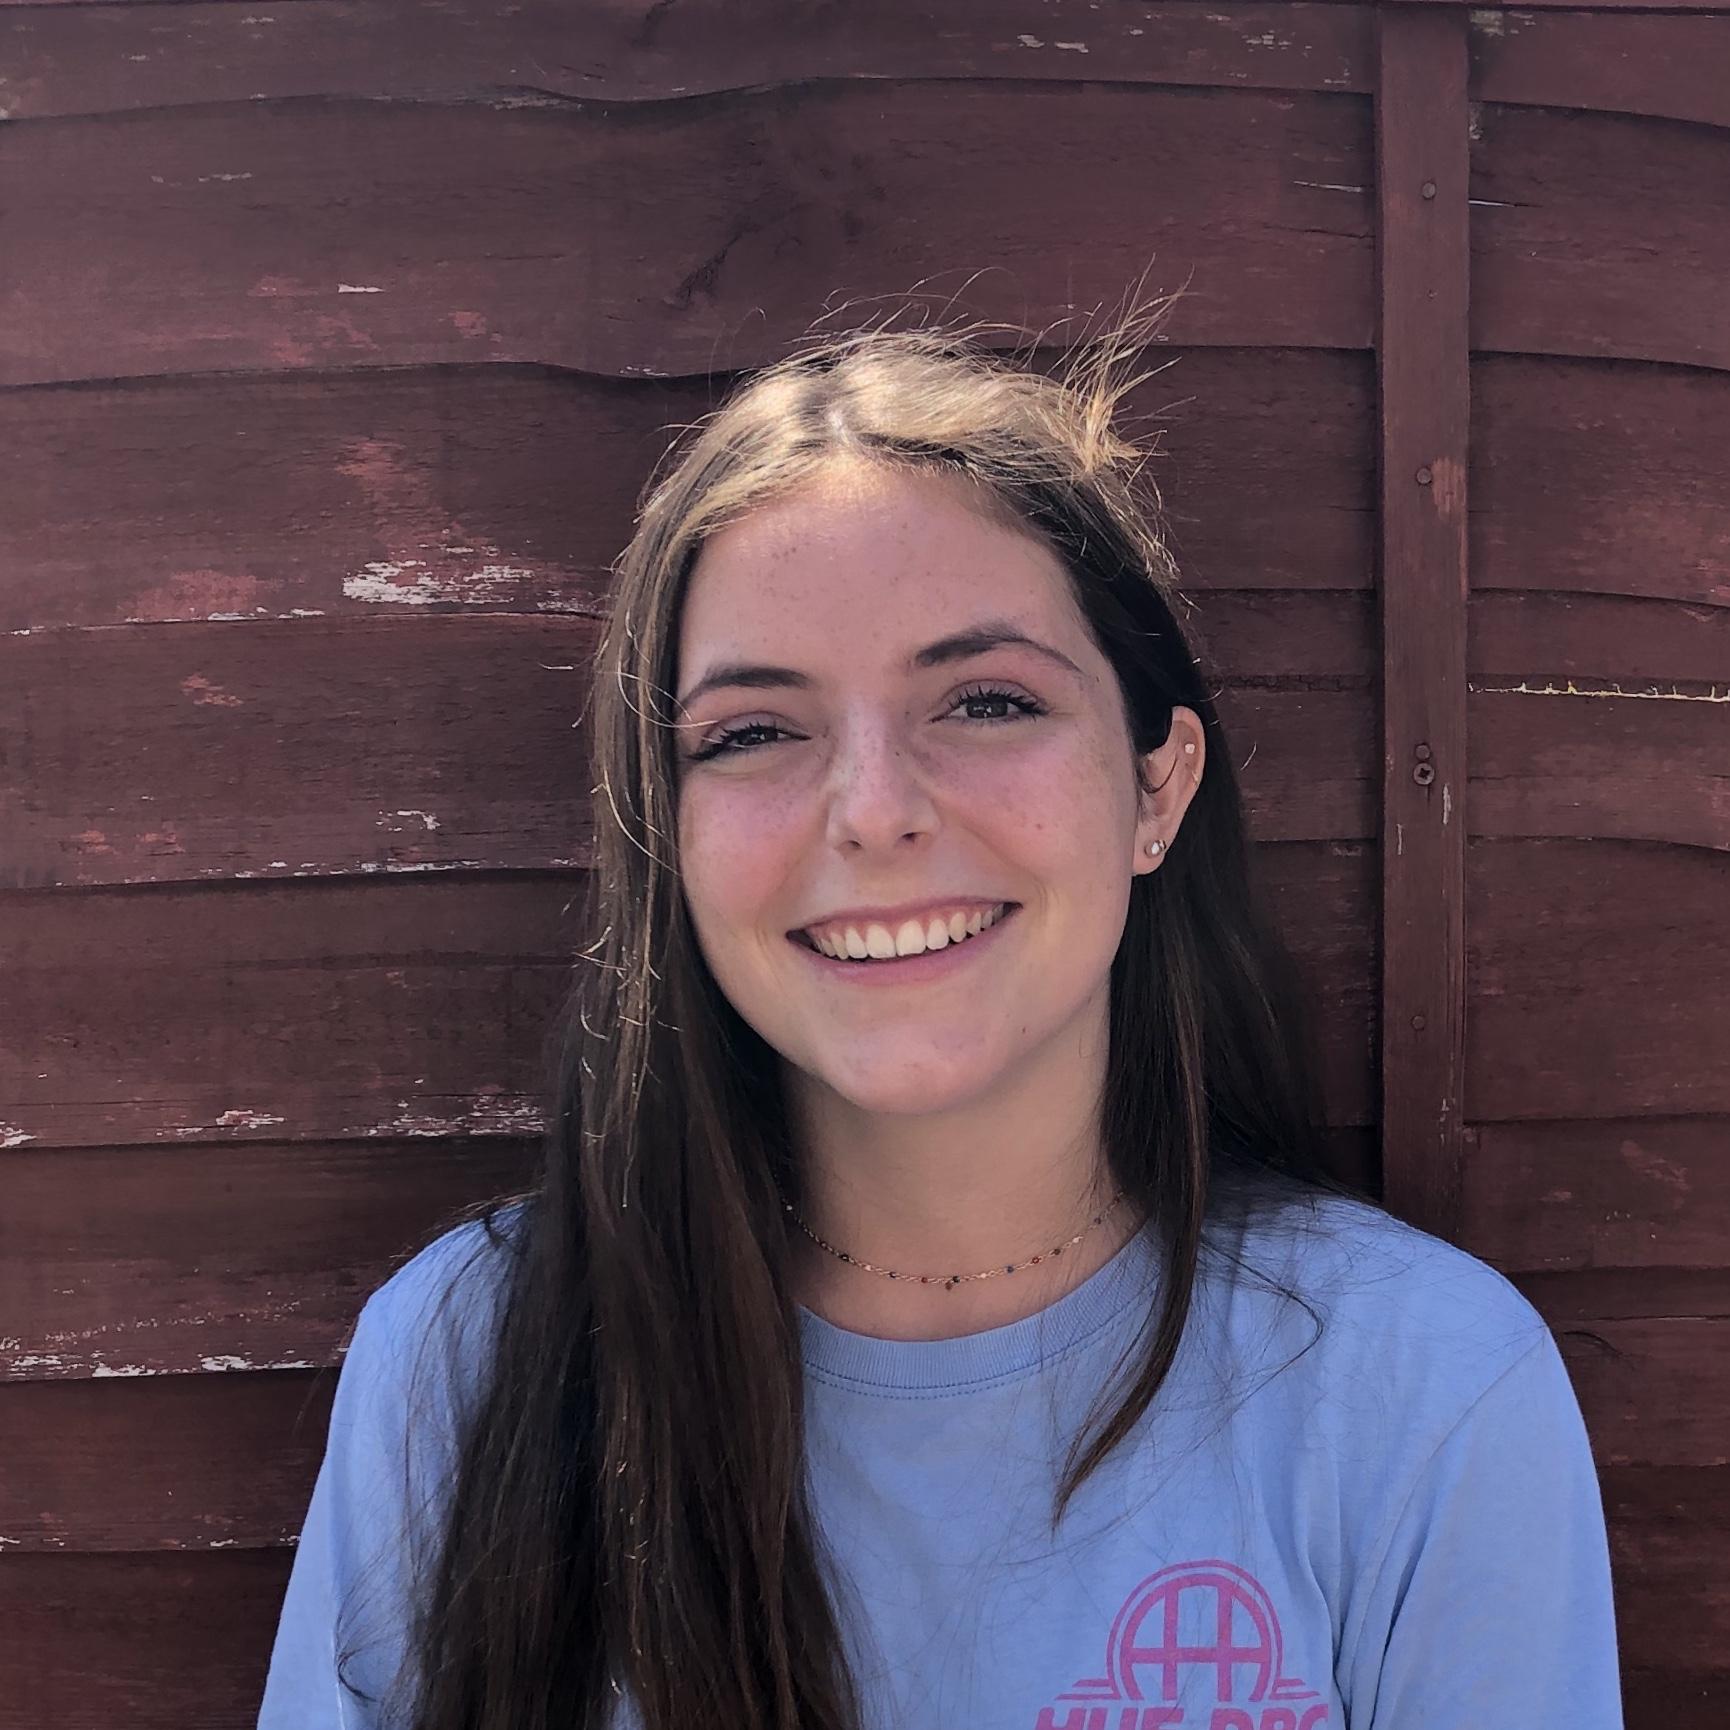 Megan Macgillivray